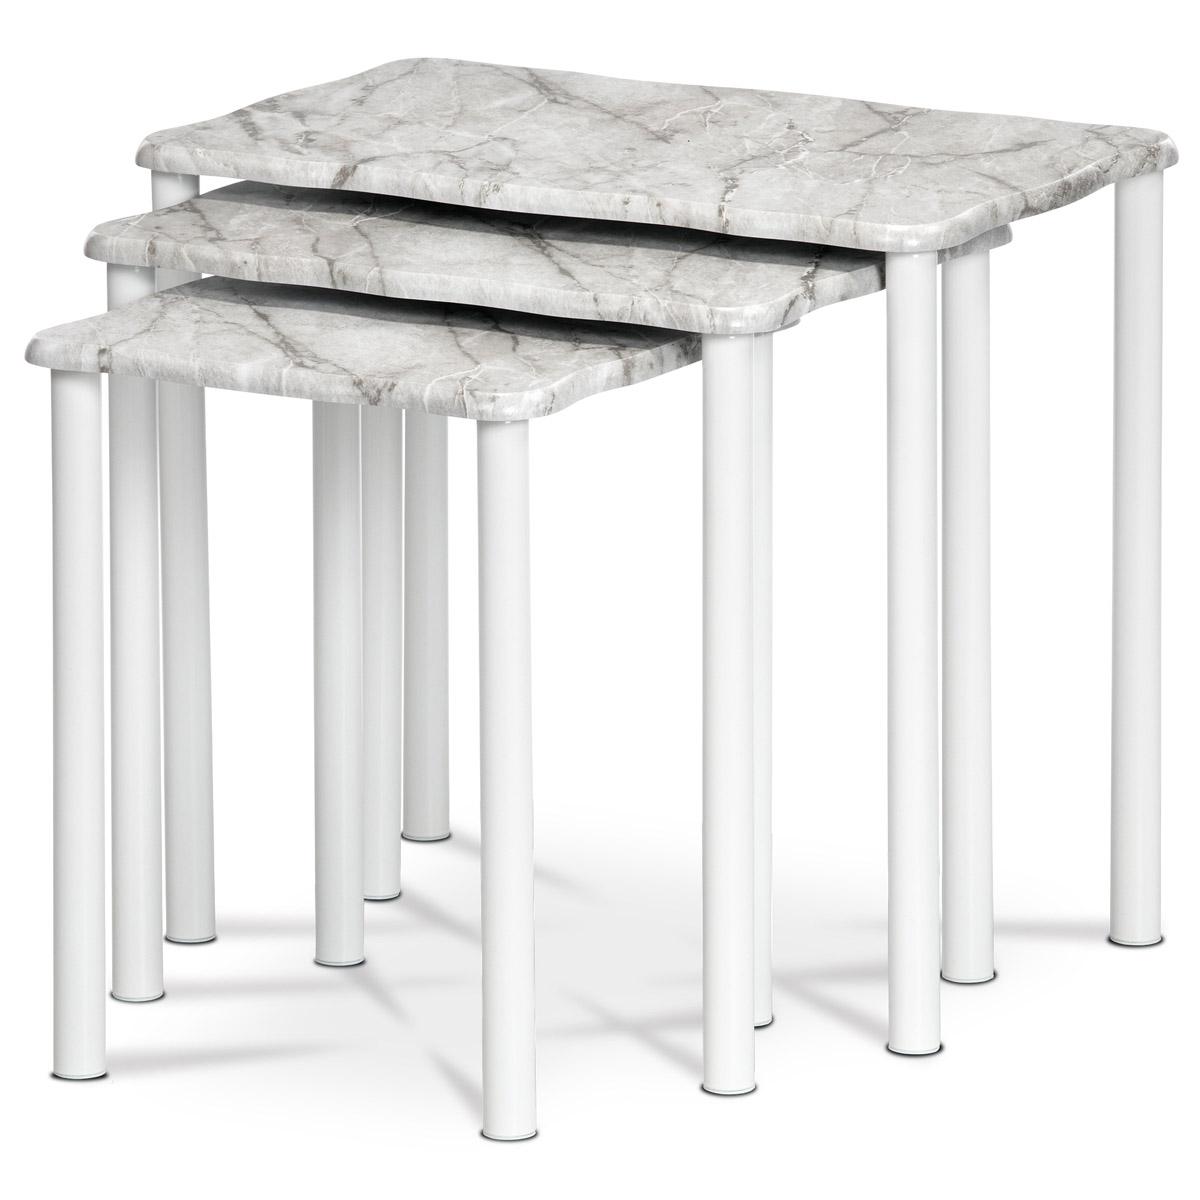 Prístavné a odkladacie stolíky, set 3 ks, doska sivobiely mramor, kovové nohy, biely matný lak